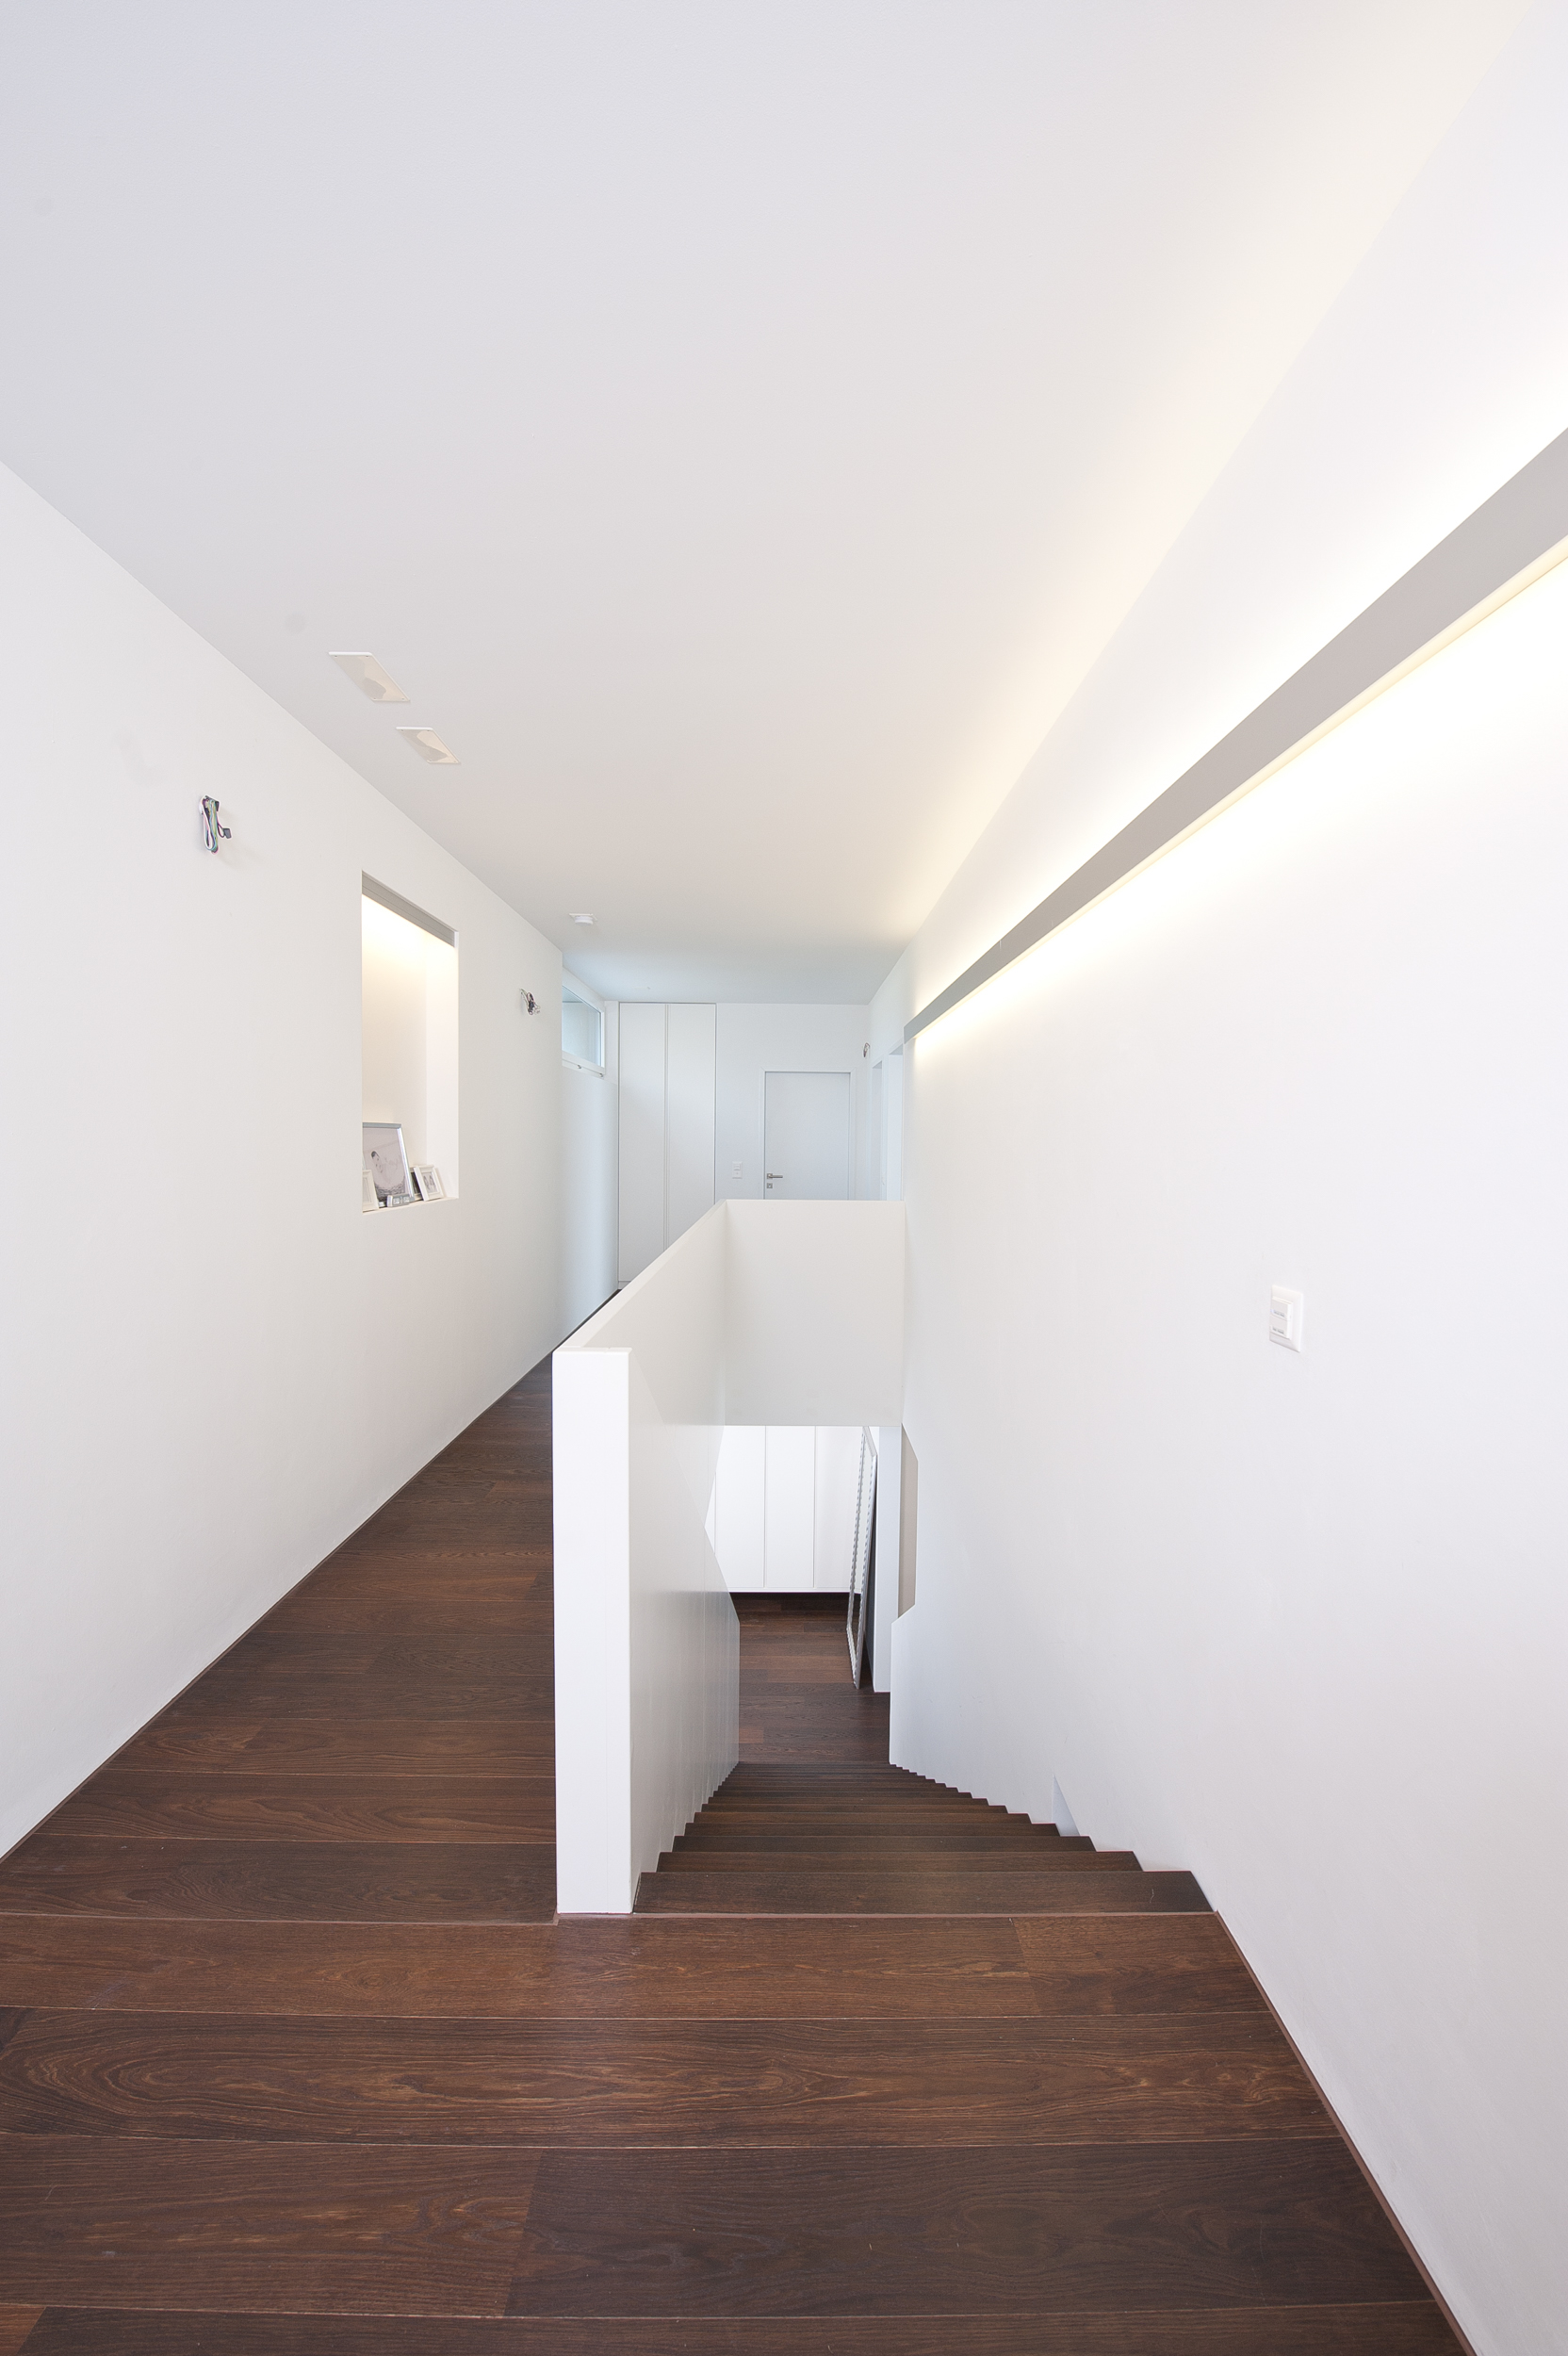 Architekturfotografie_Wohnbauten-17-2.jpg